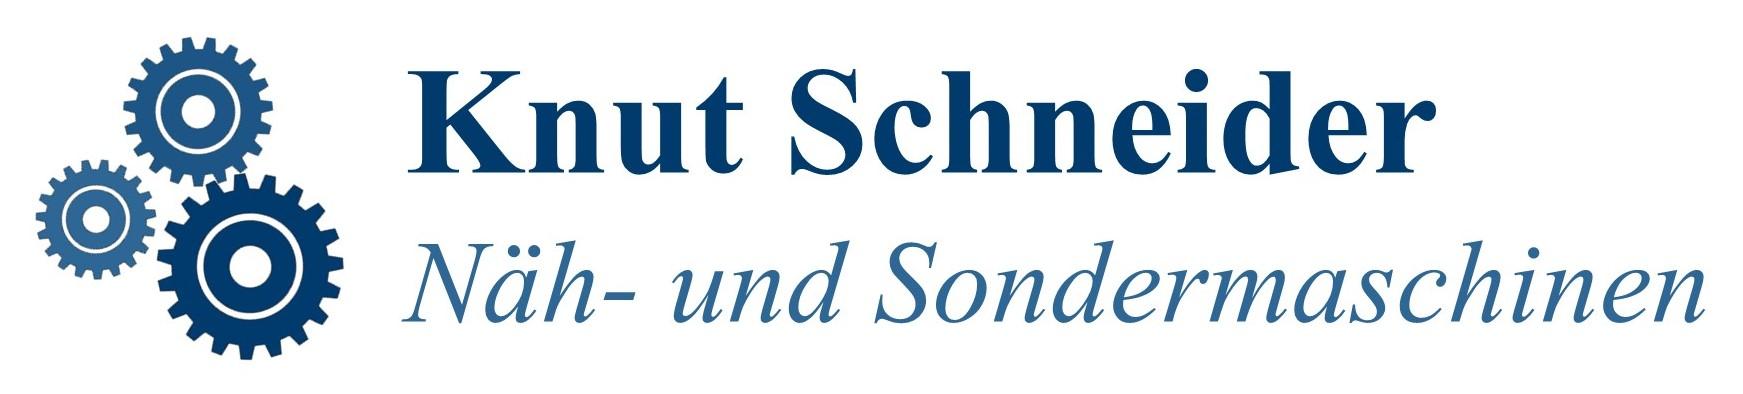 Knut Schneider Näh- und Sondermaschinen